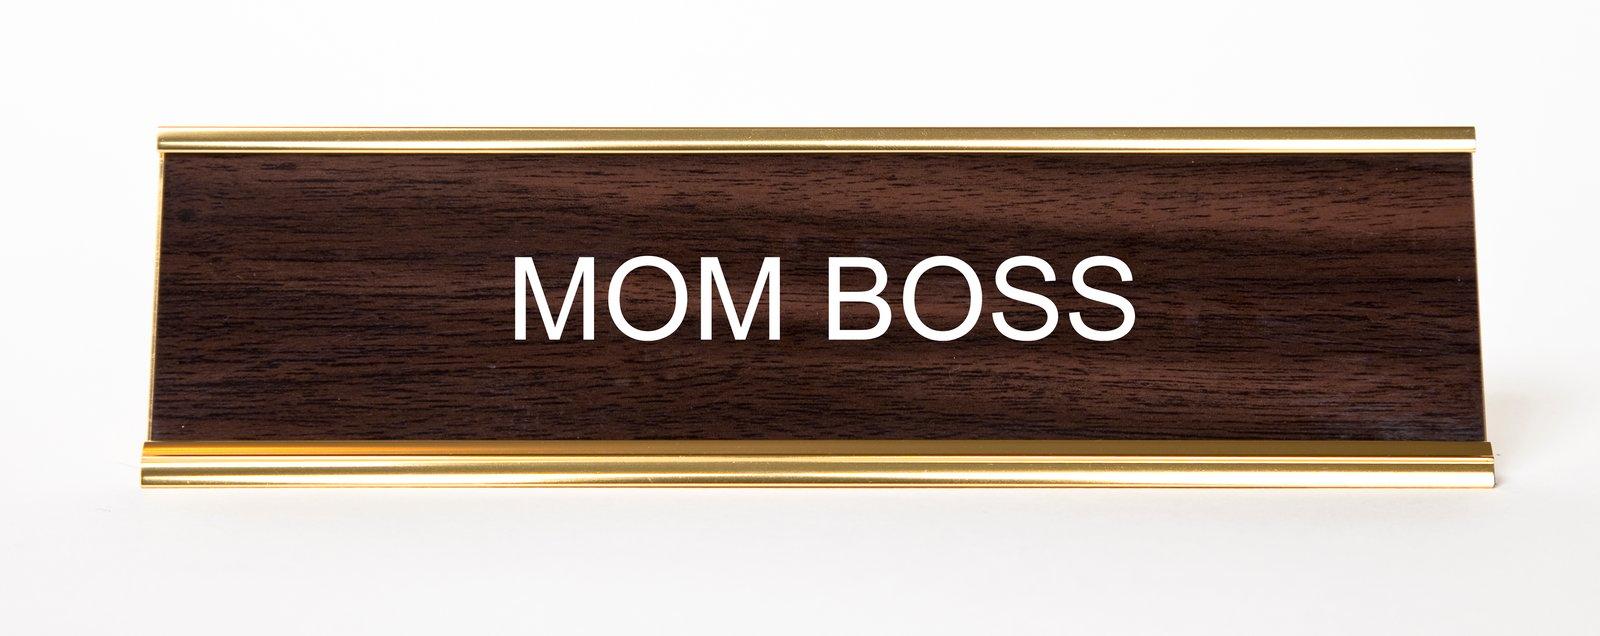 Mom Boss Nameplate Hesaidshesaid